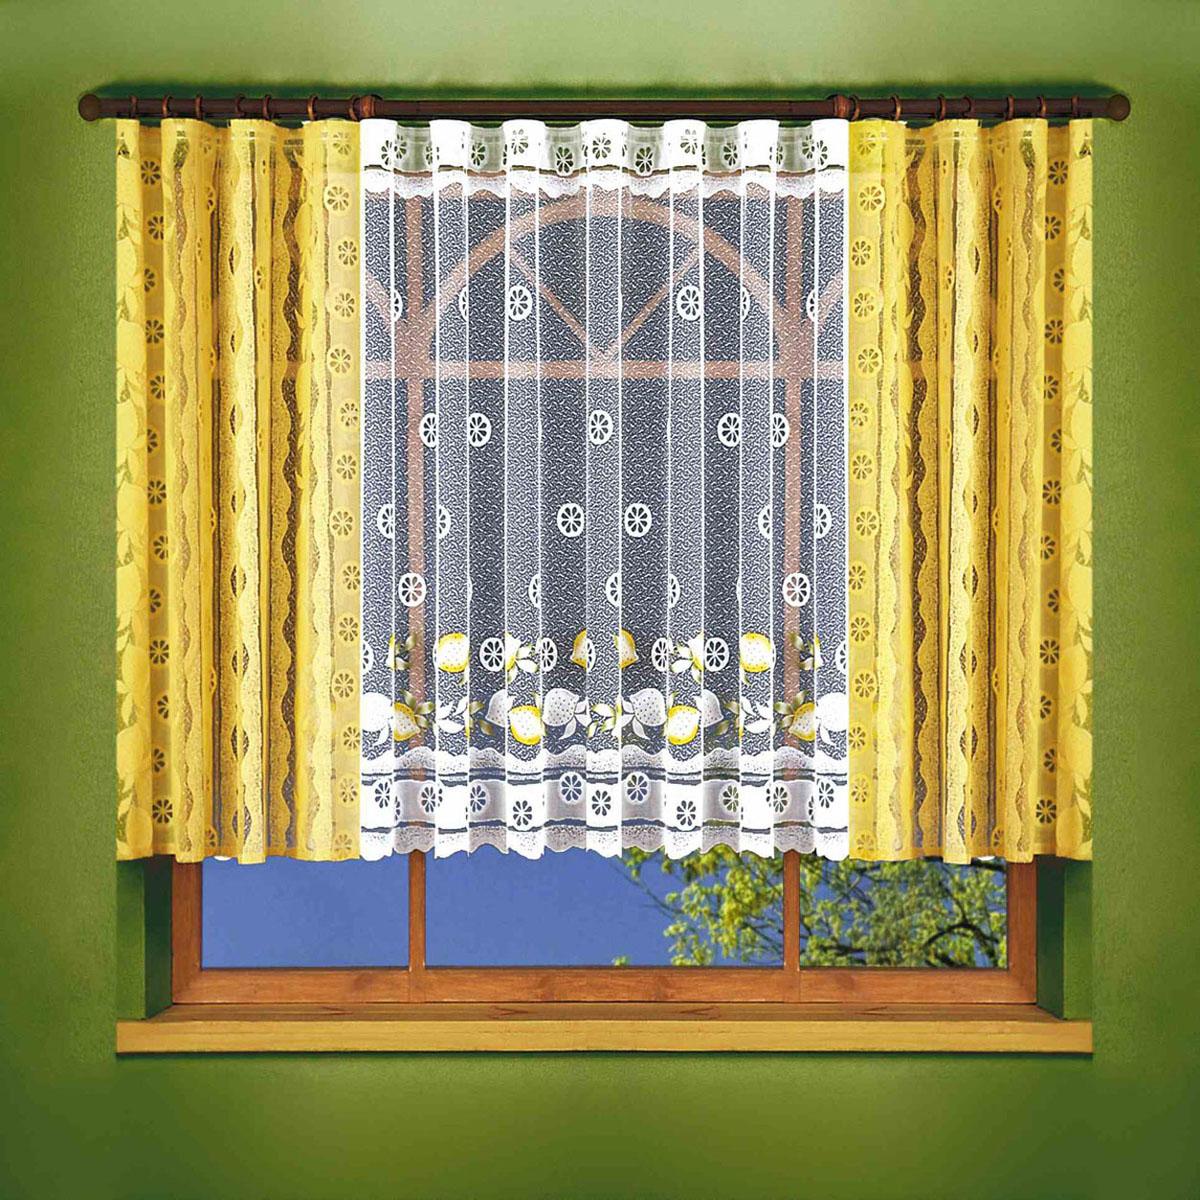 Комплект штор Wisan, на ленте, цвет: желтый, высота 150 см. 6109 шторы для комнаты tomdom комплект штор агно розовый 260 см